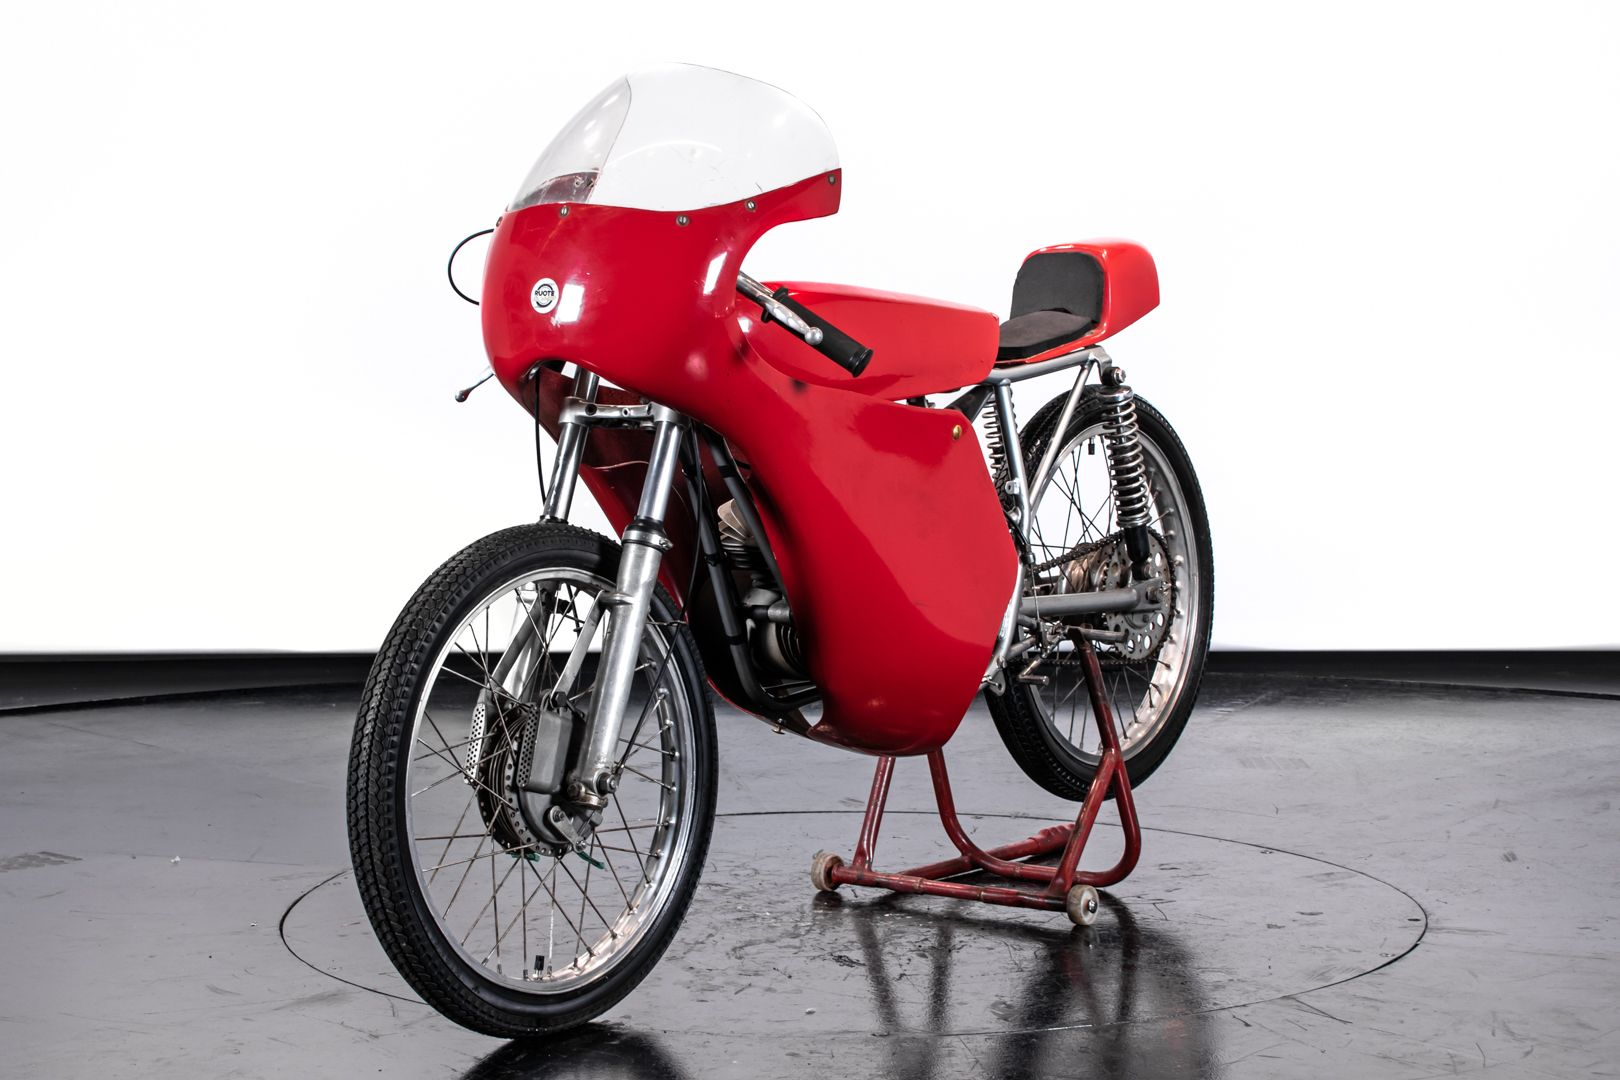 1969 Guazzoni Matta 50 71851